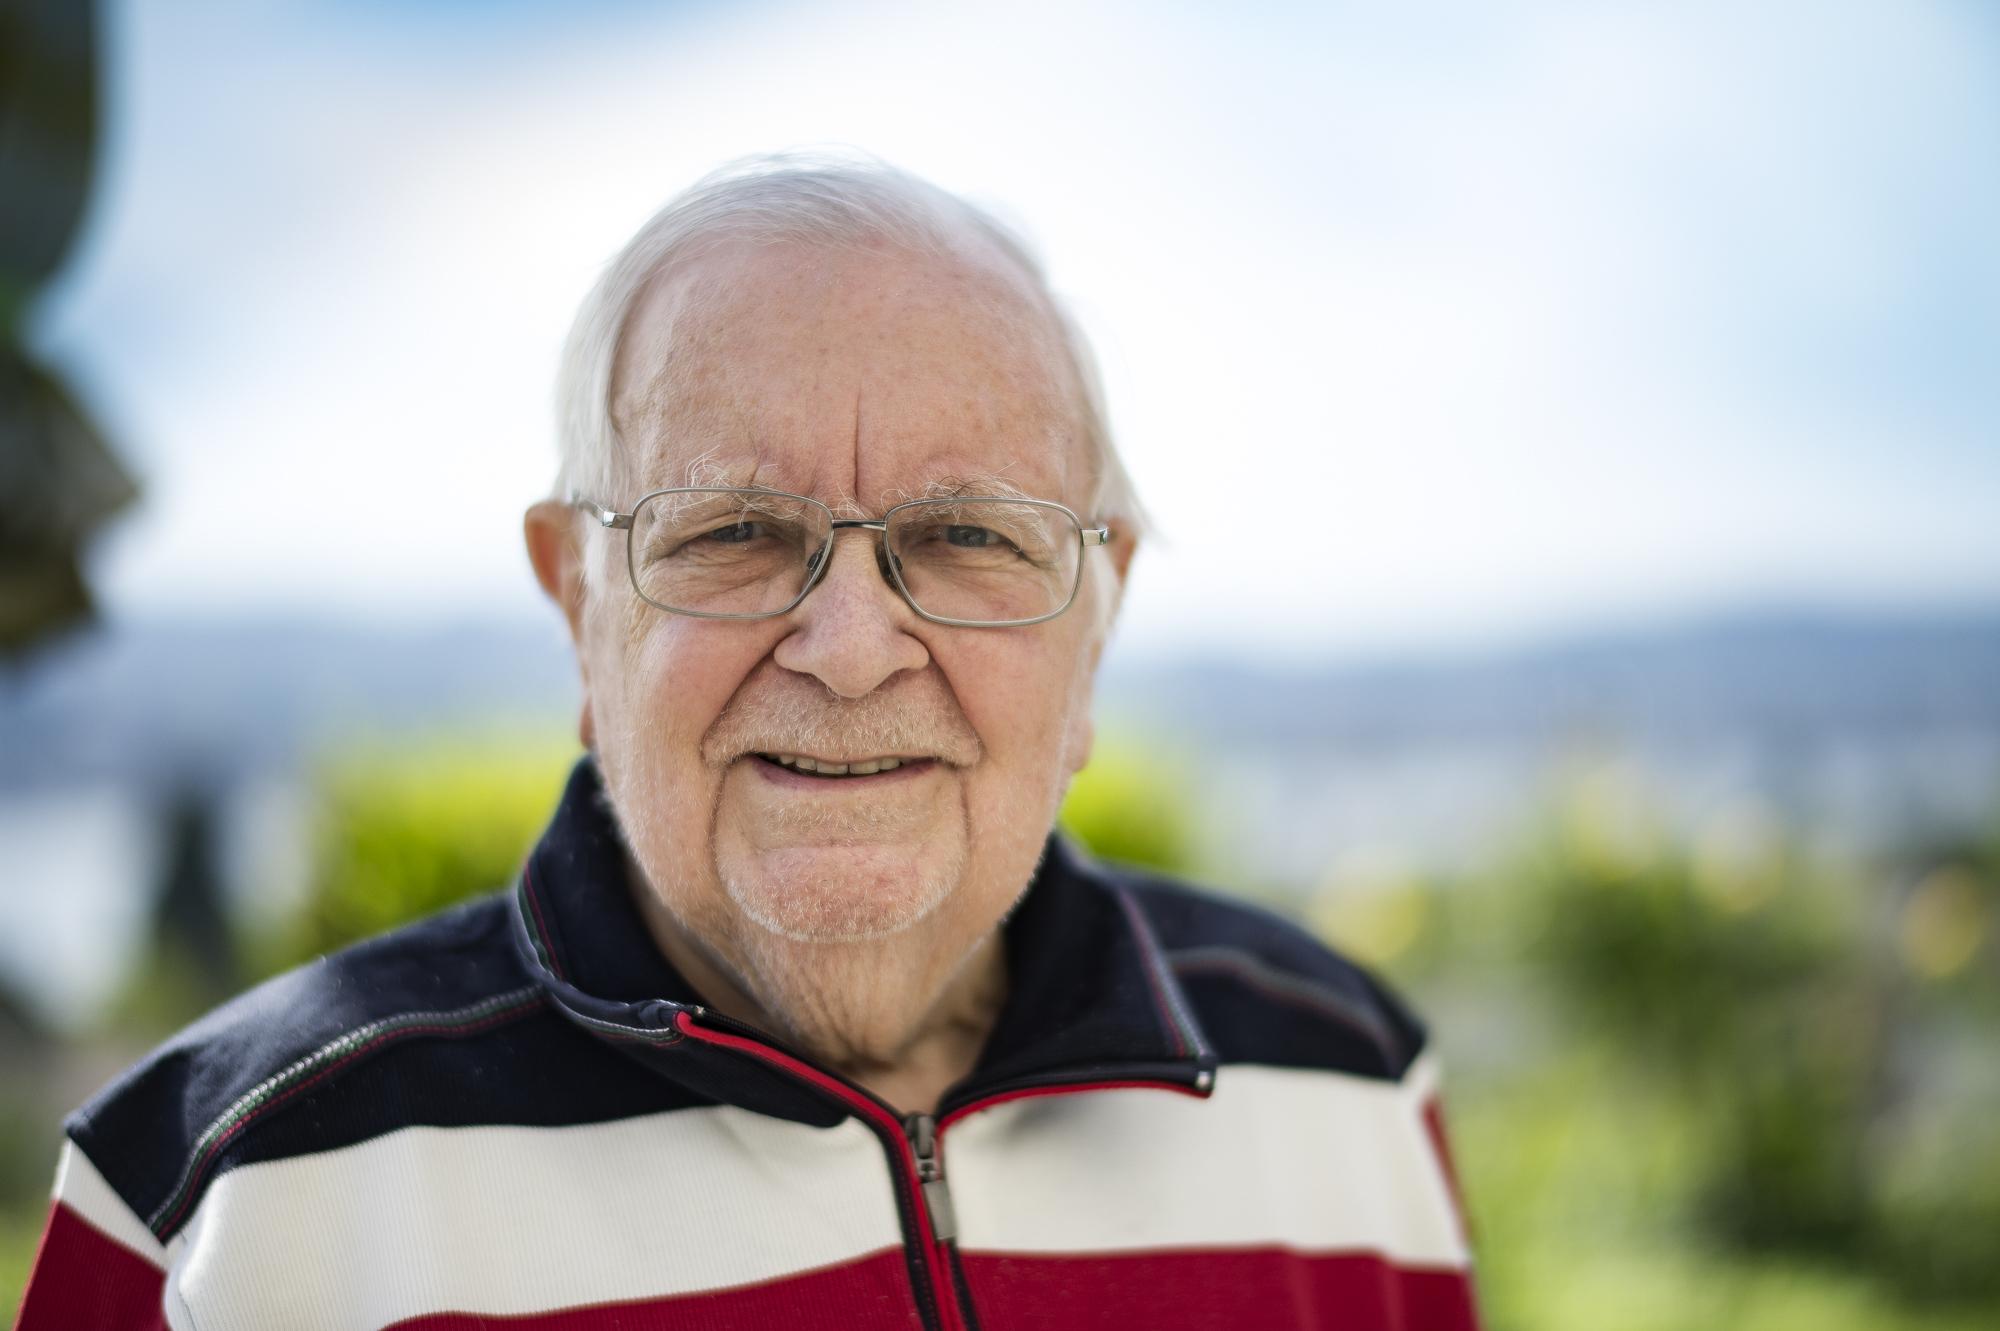 Albert Aeberli geniesst den Ruhestand von höherer Warte aus und schaut hoffentlich immer noch jeden Tag auf den See herunter...